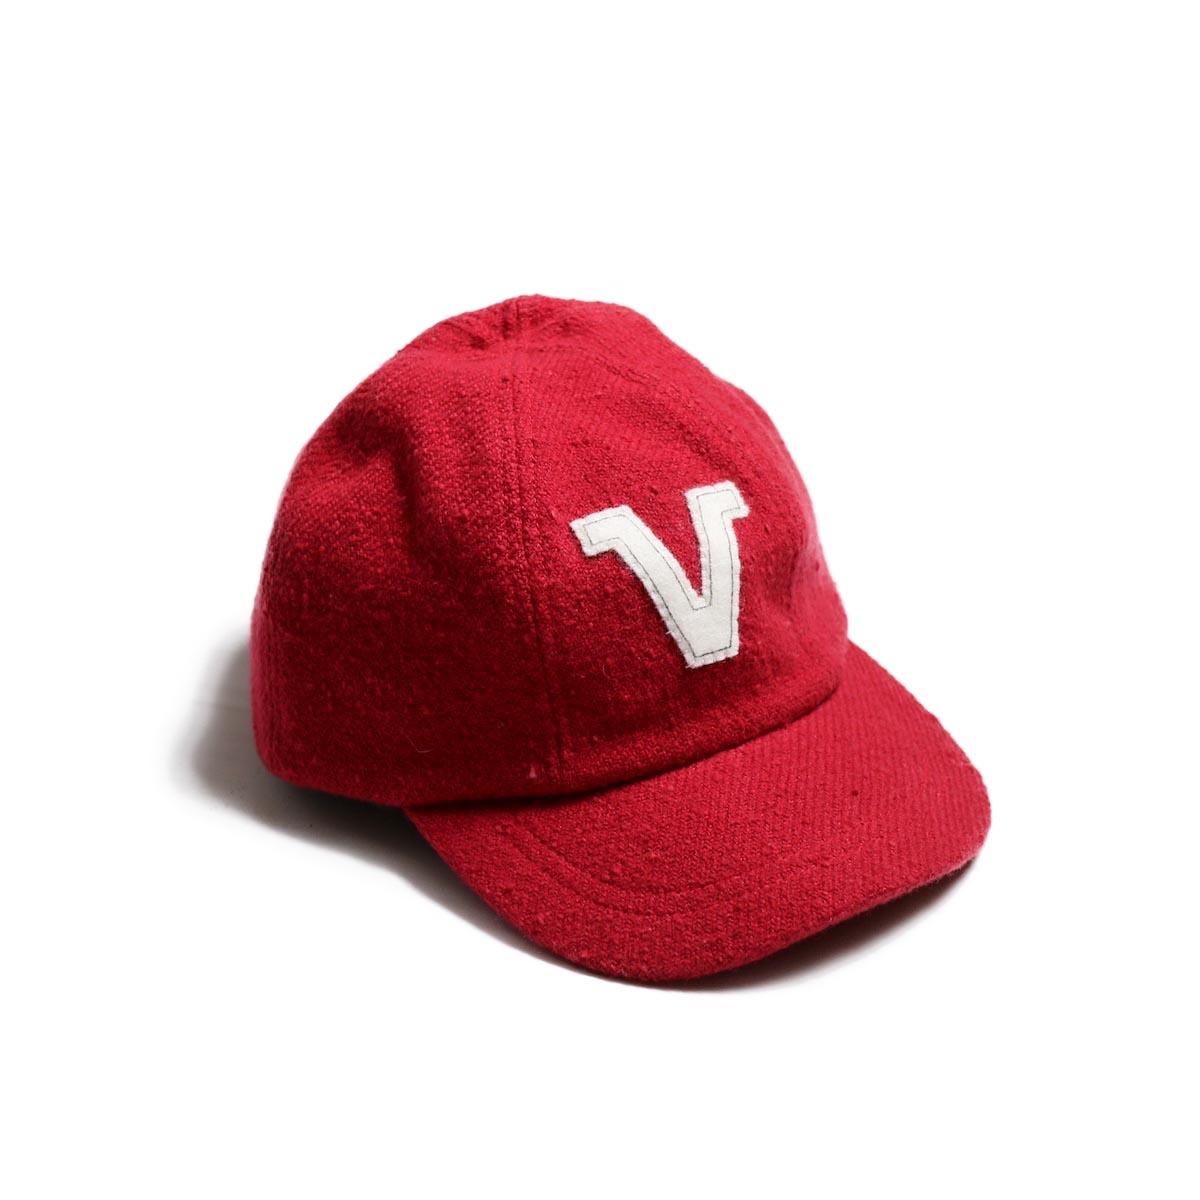 visvim / HONUS CAP V (W/LI NEP TWEED) -red